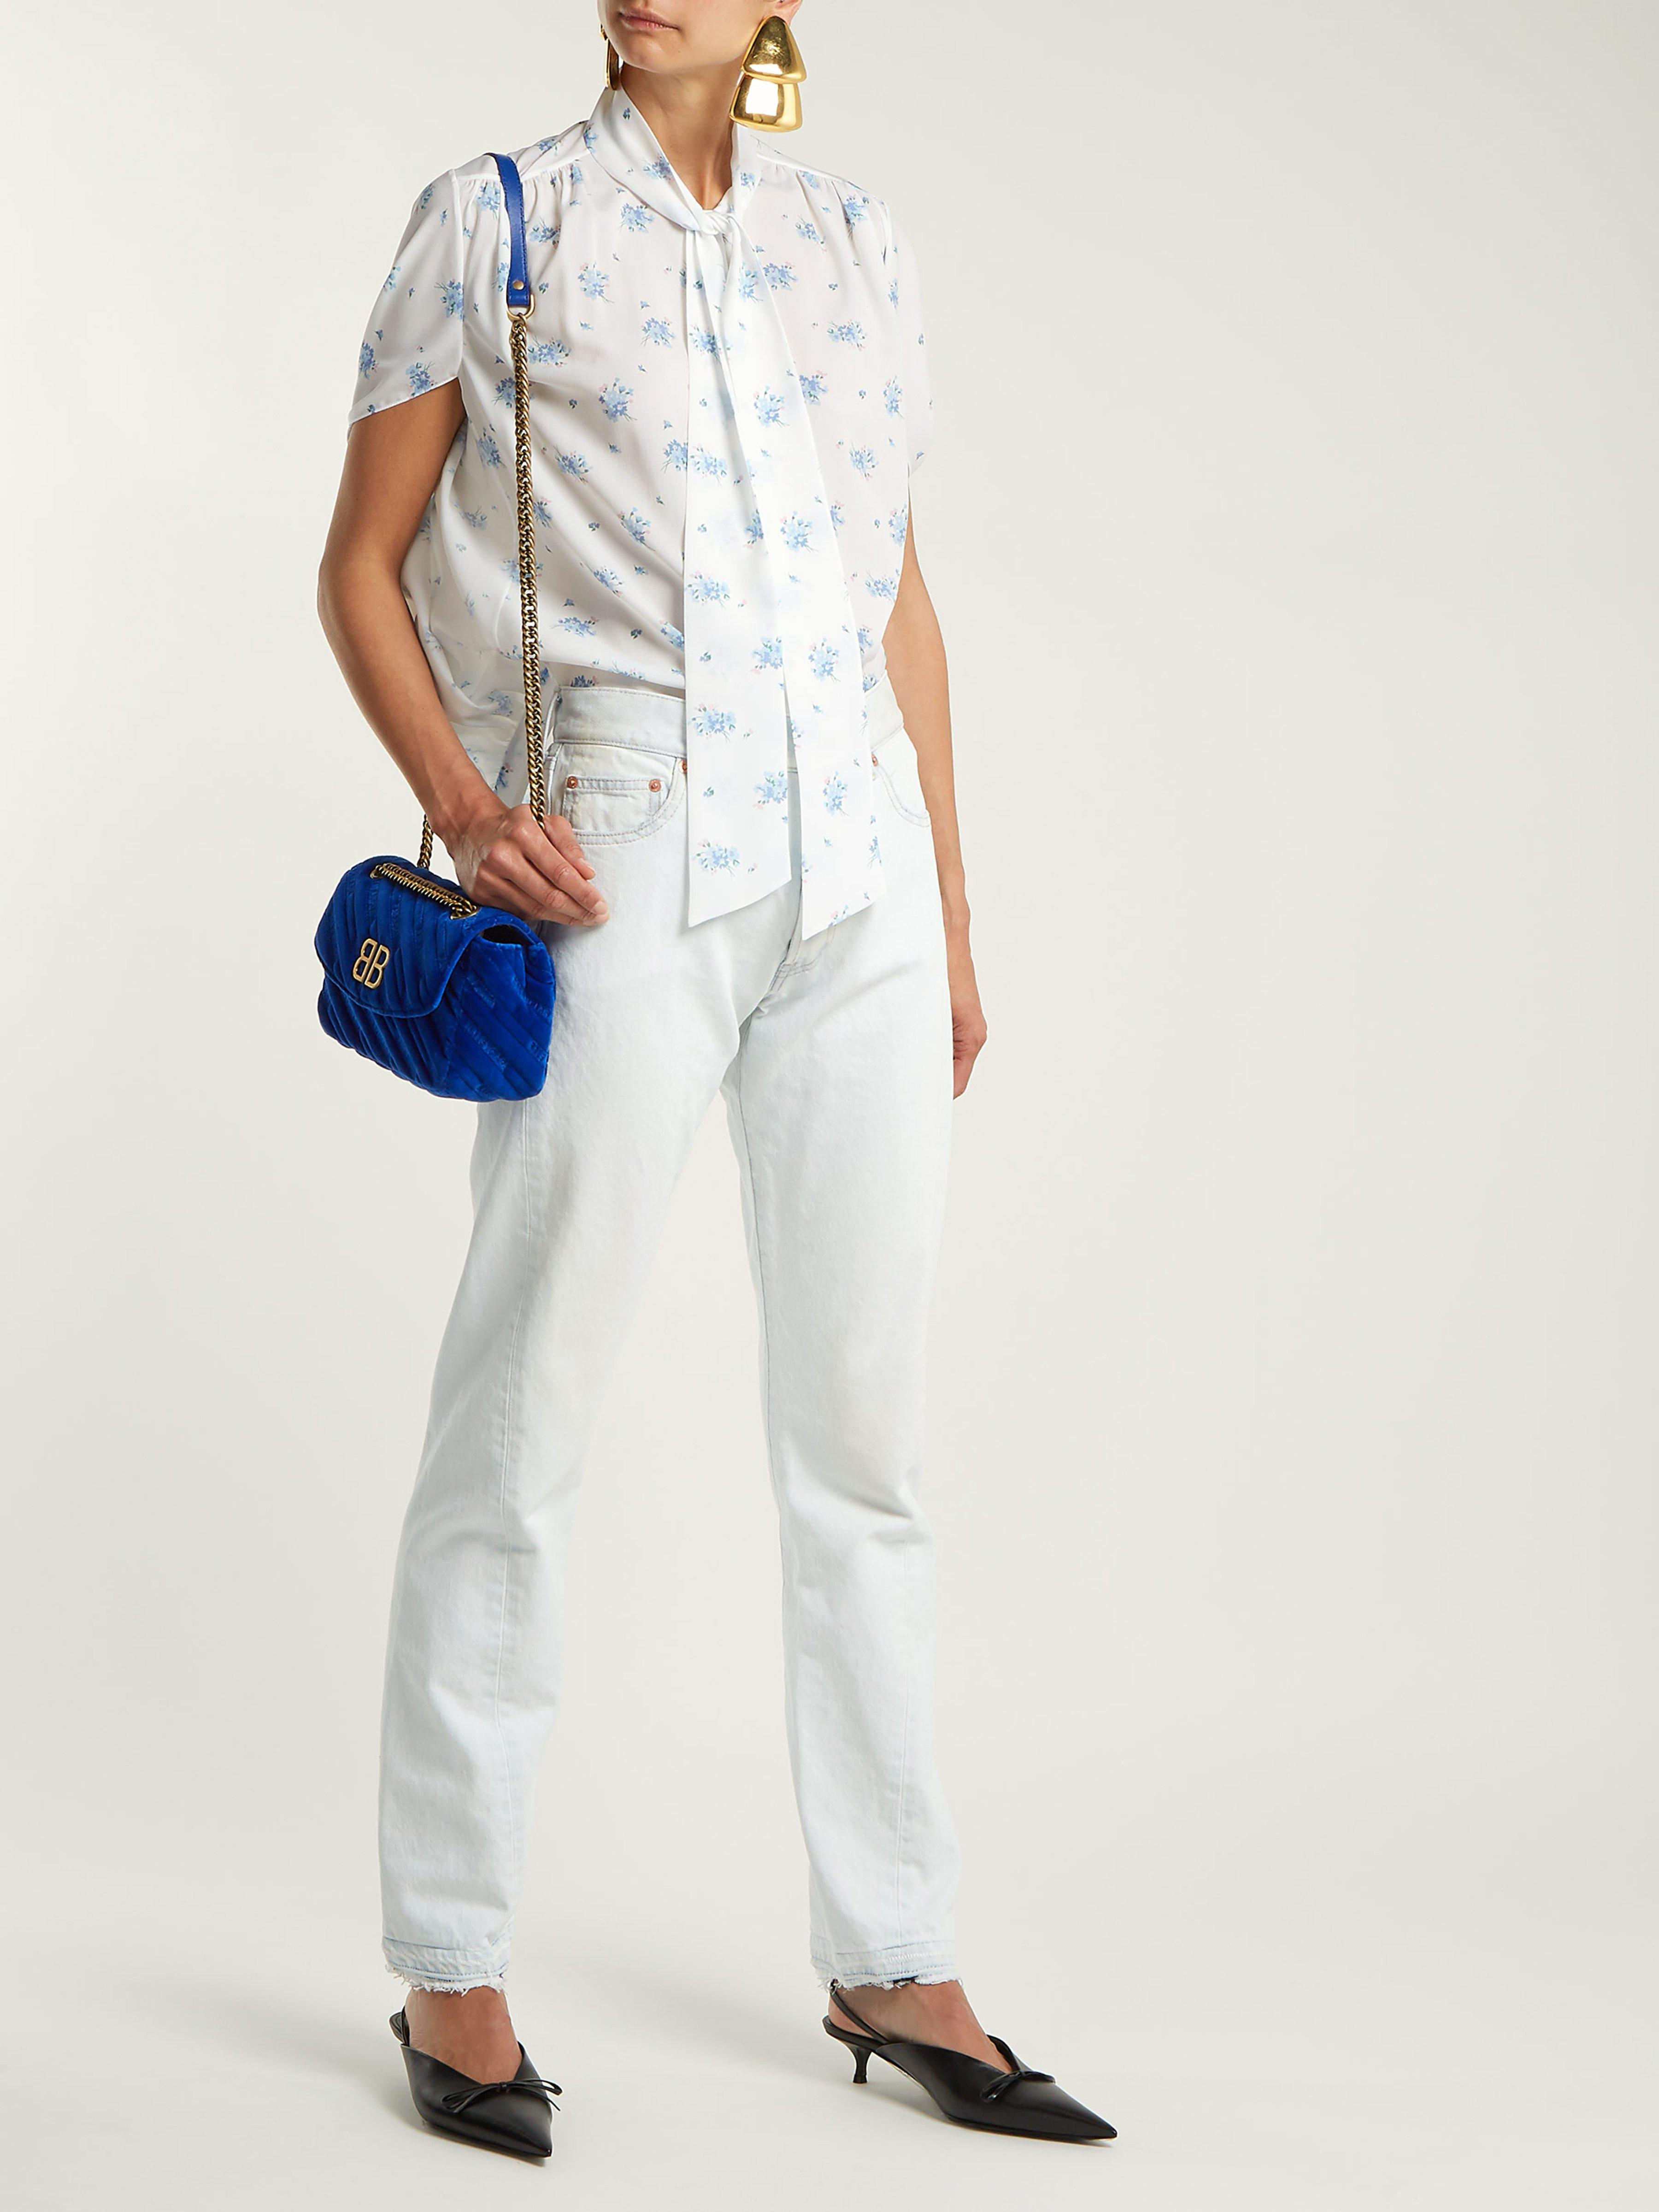 manga Blusa Balenciaga estampado de Lyst floral de azul trenzada de con aTraI